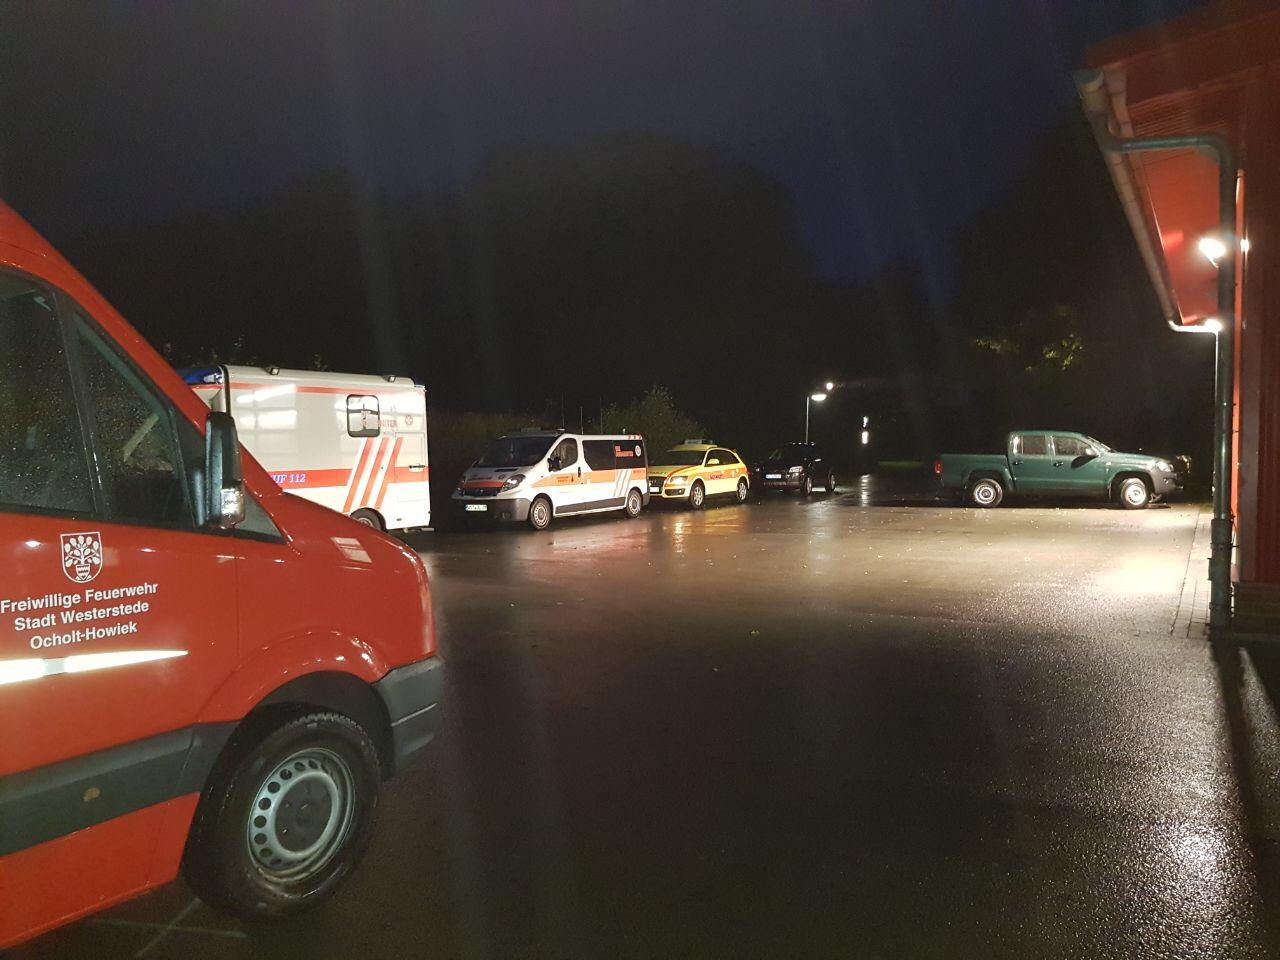 Am 30.09.2017 gegen 17:50 Uhr – Schwerer Unfall überschattet Erntedankfest